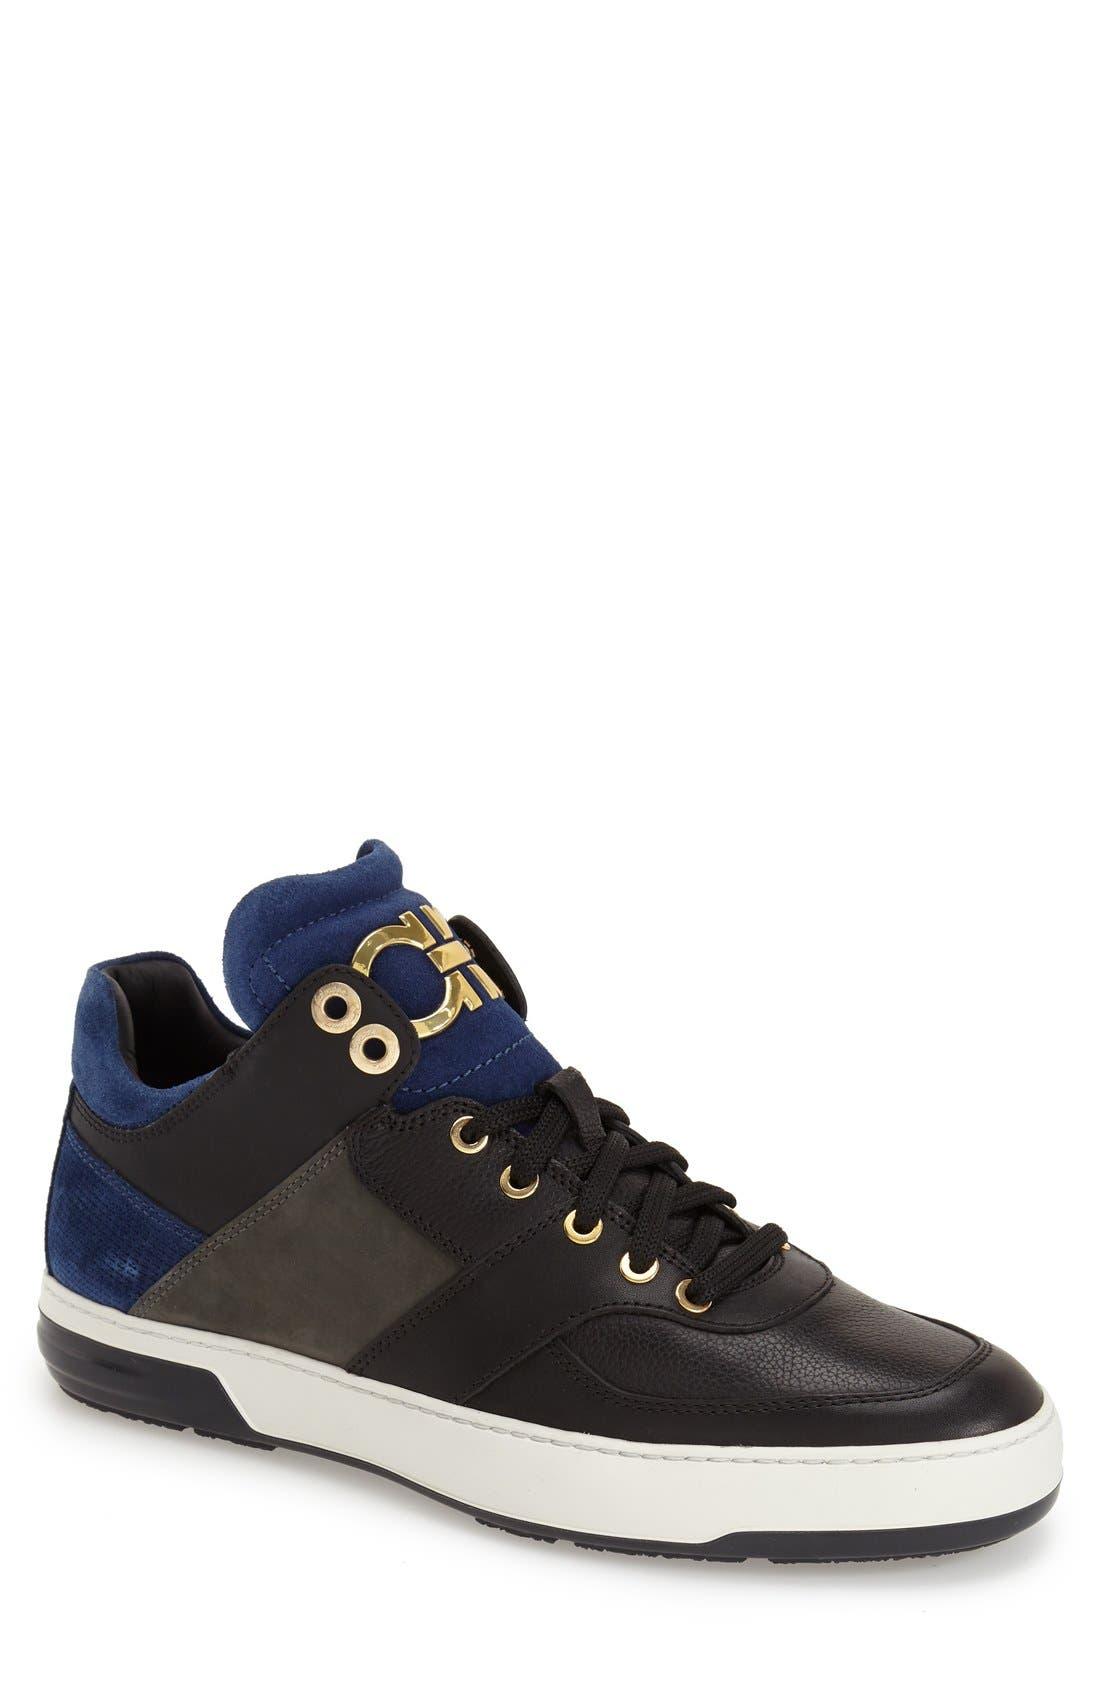 'Monroe' Sneaker,                             Main thumbnail 1, color,                             004